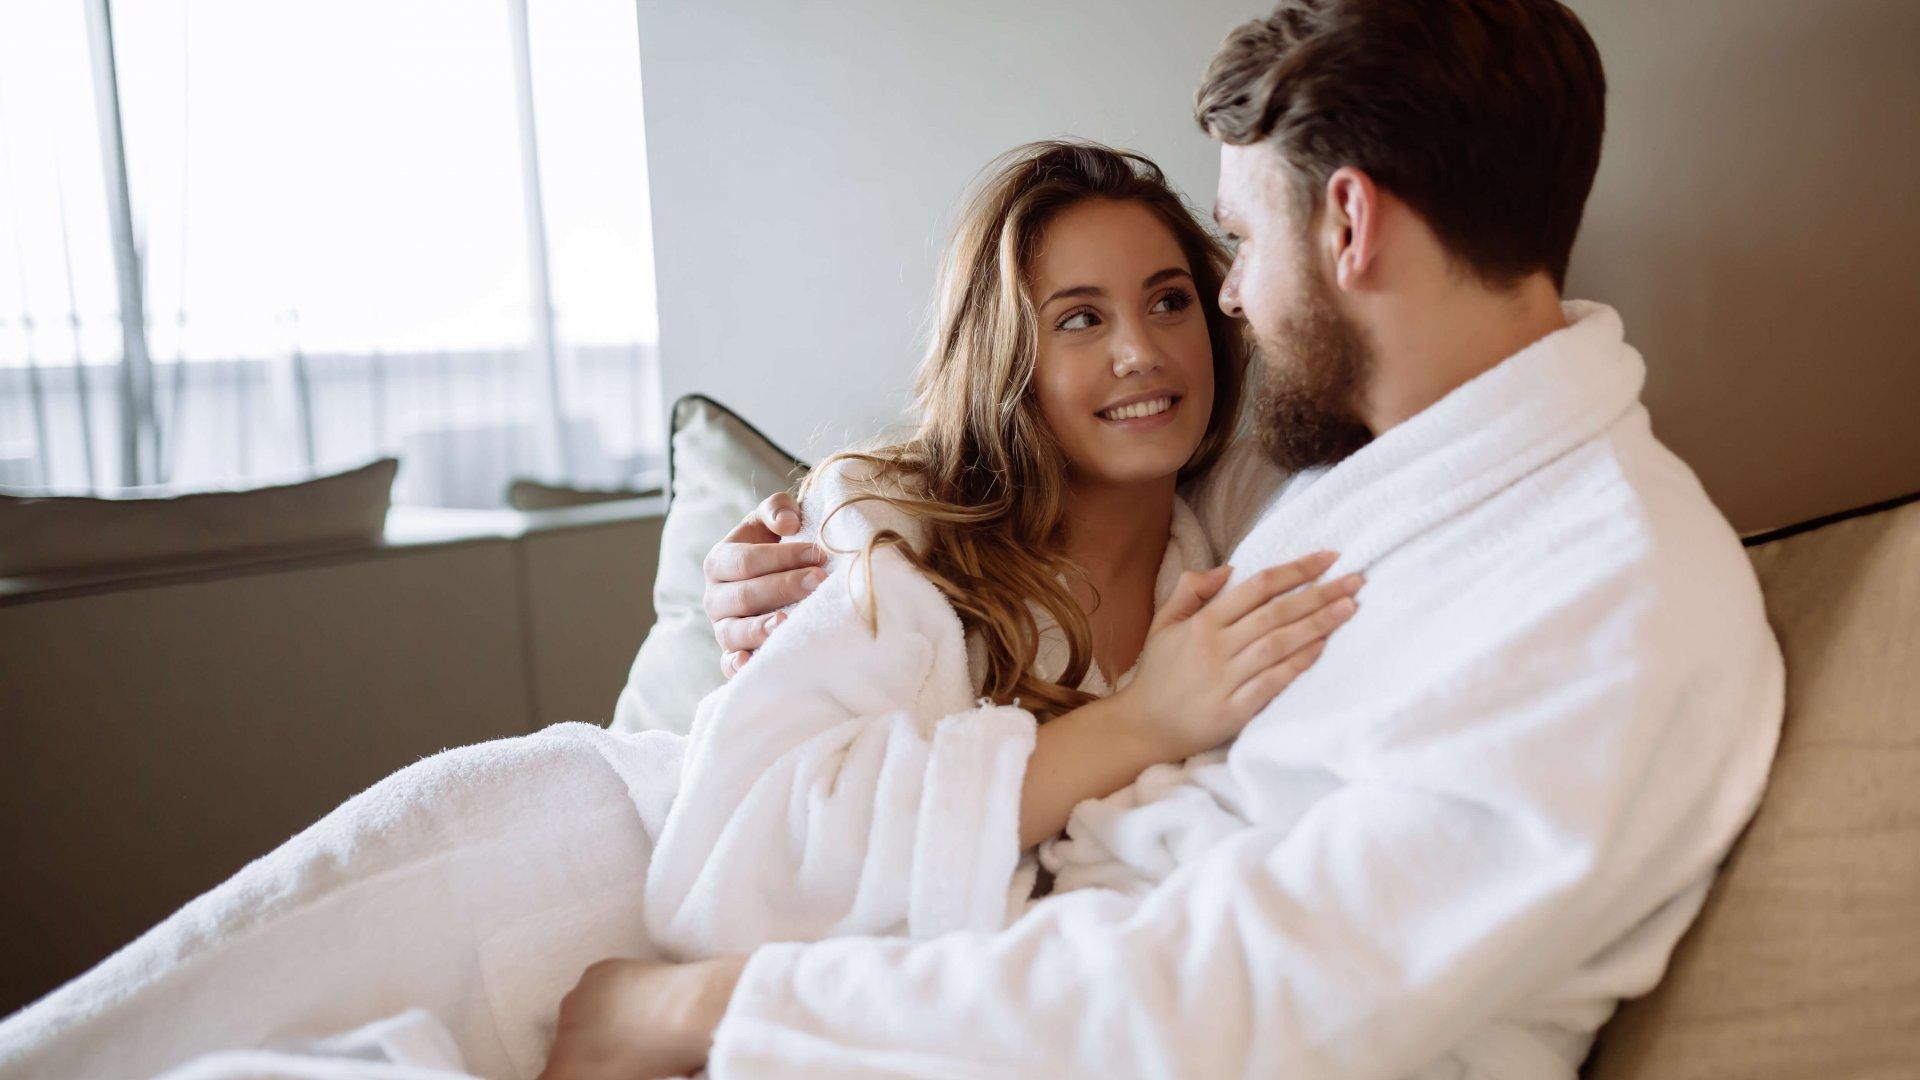 Weitensfeld im gurktal kontakt partnervermittlung - Dating den